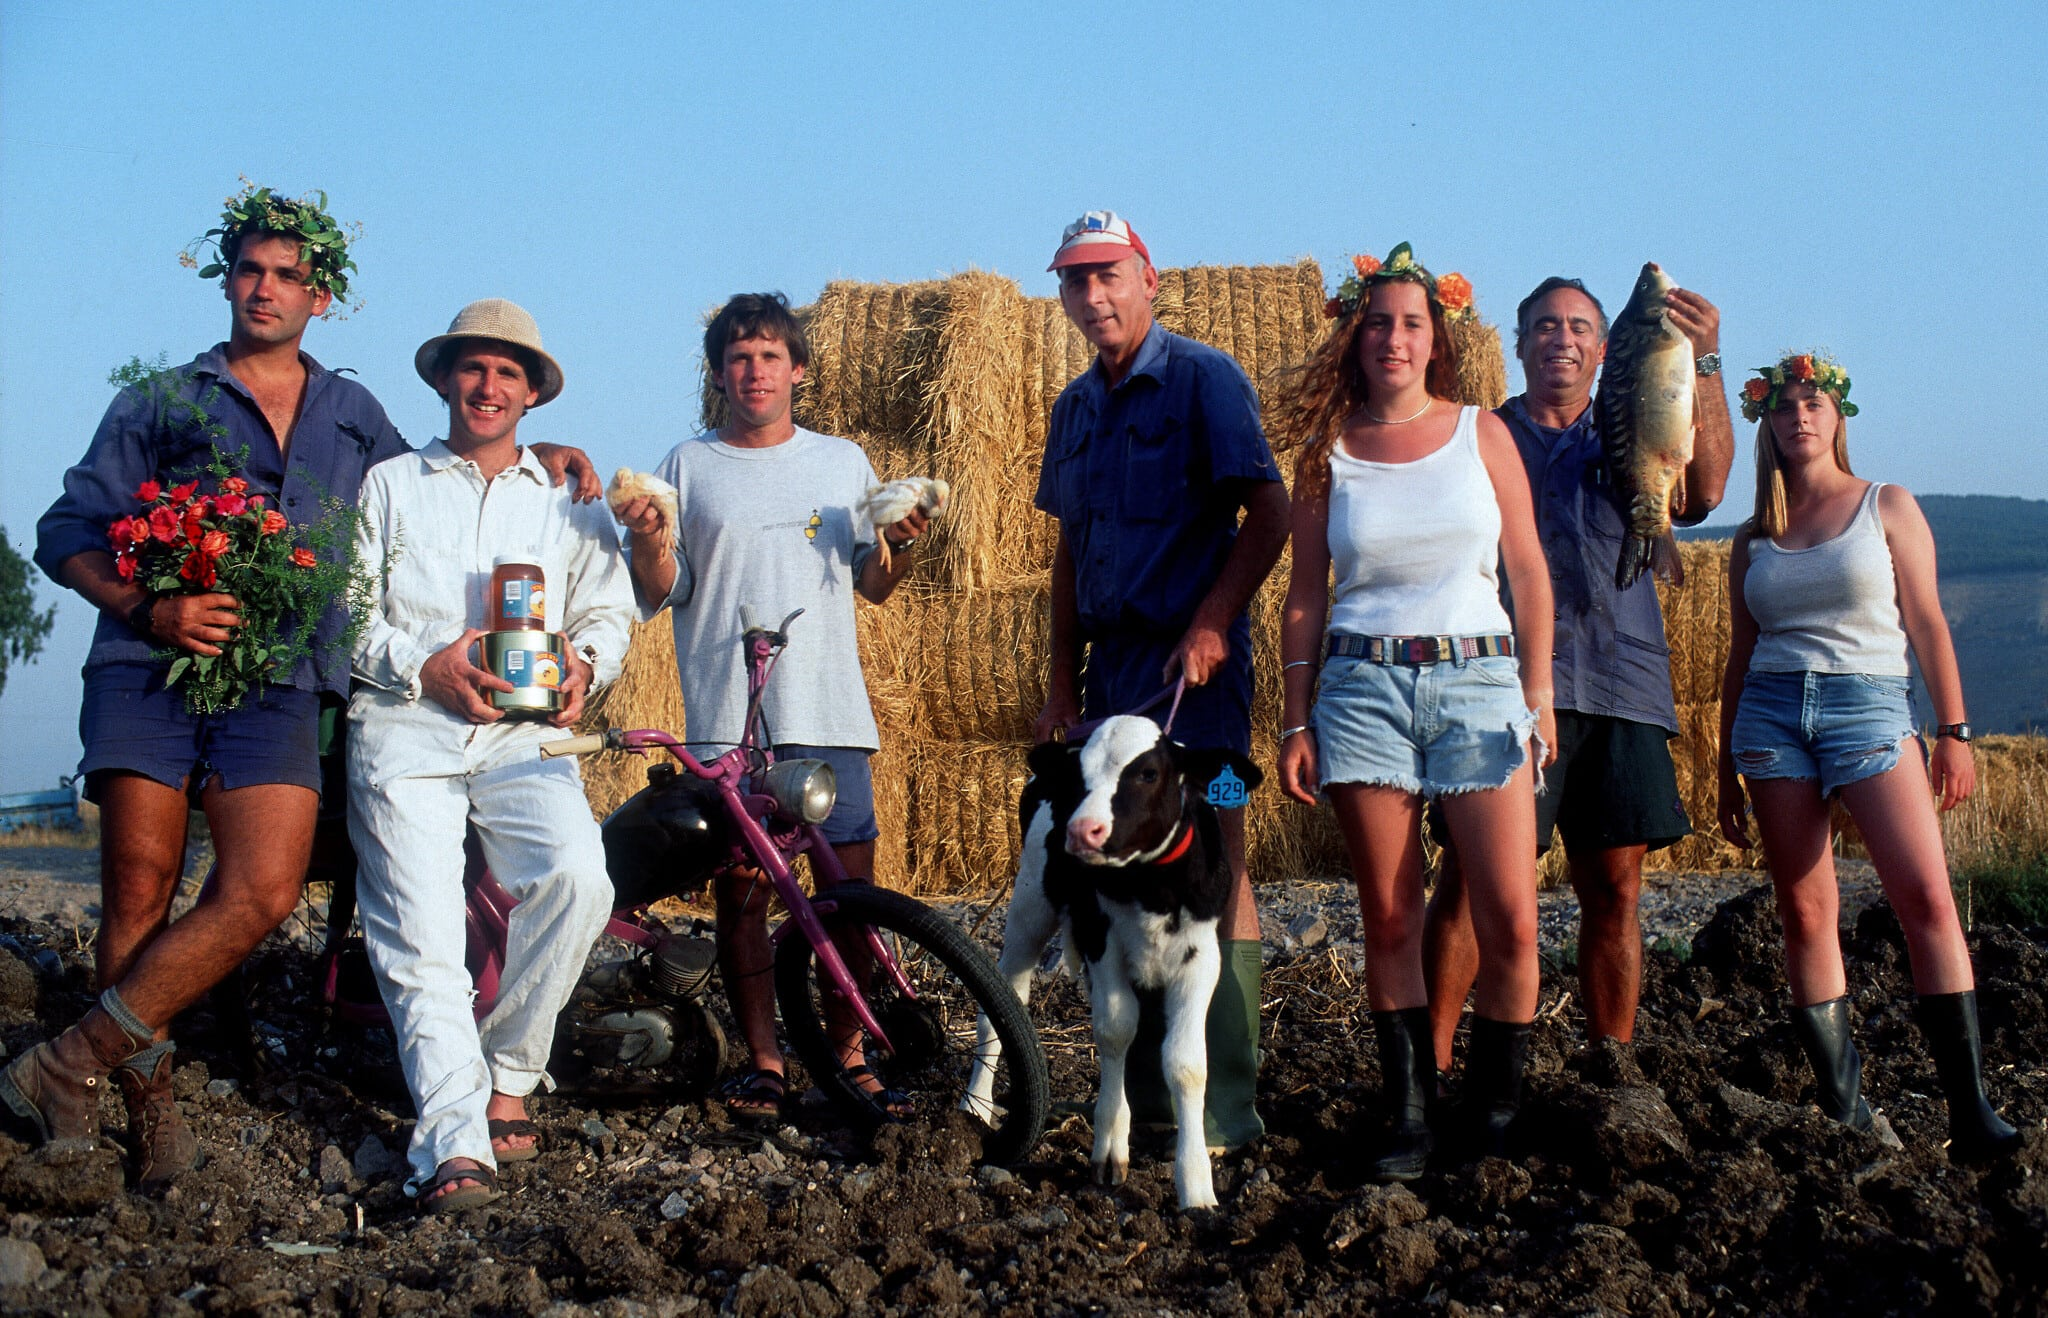 חגיגת שבועות בקיבוץ עין חרוד הסמוך לנחל, 2012 (צילום: Moshe Shai/FLASH90)